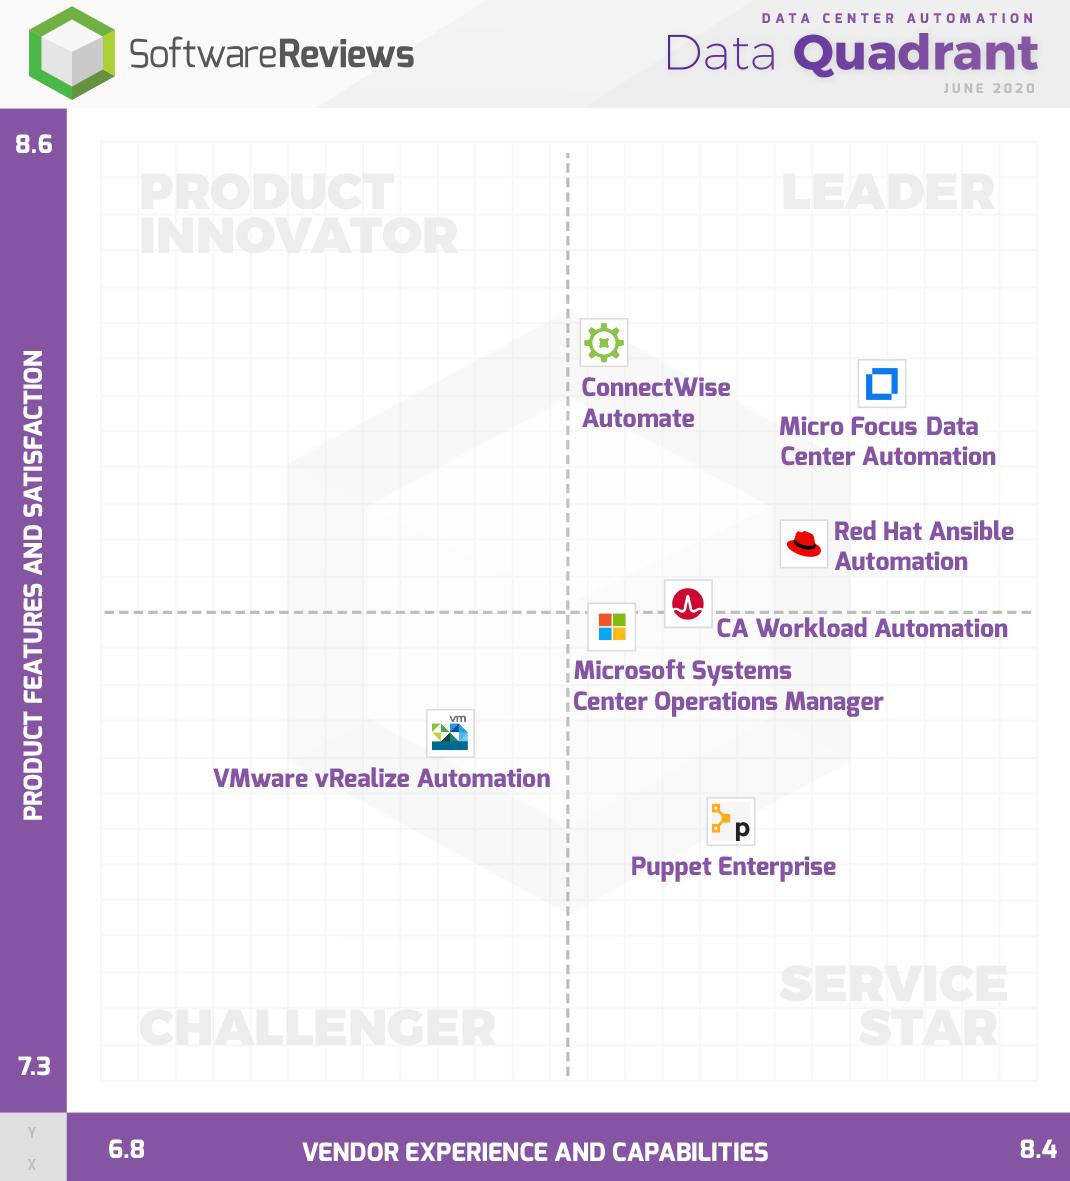 Data Center Automation Data Quadrant